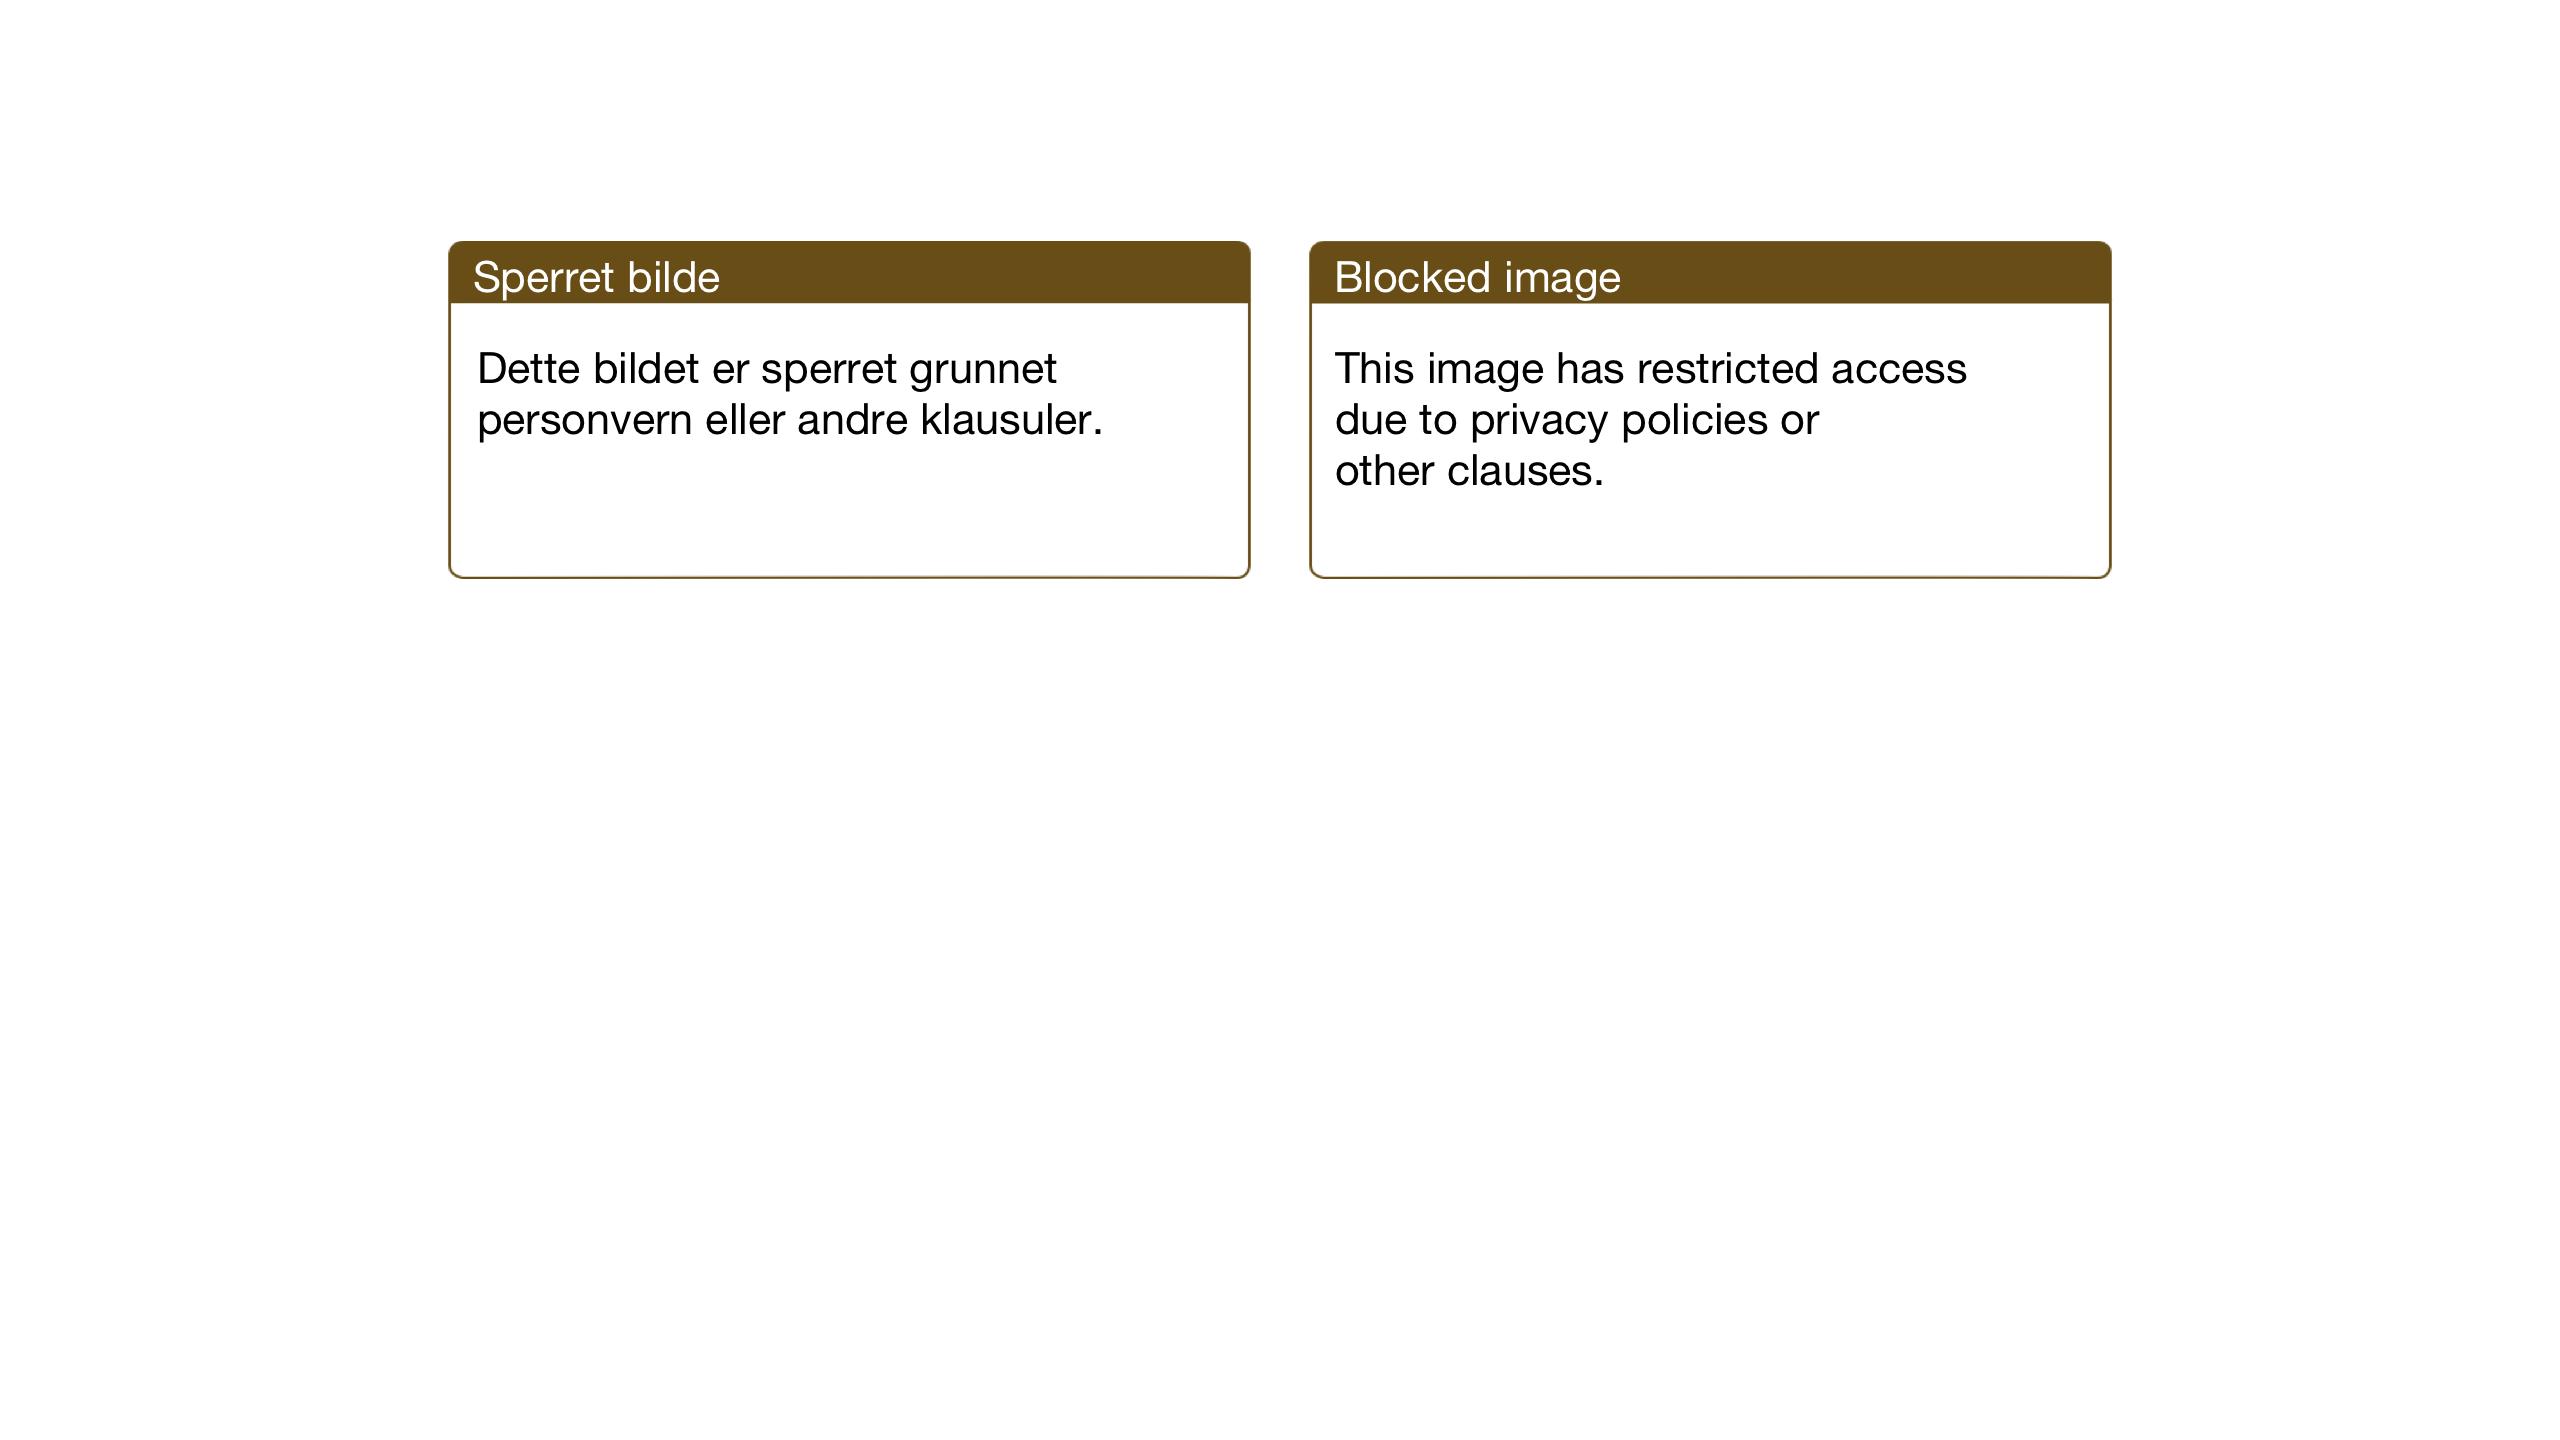 SAT, Ministerialprotokoller, klokkerbøker og fødselsregistre - Sør-Trøndelag, 603/L0173: Klokkerbok nr. 603C01, 1907-1962, s. 356